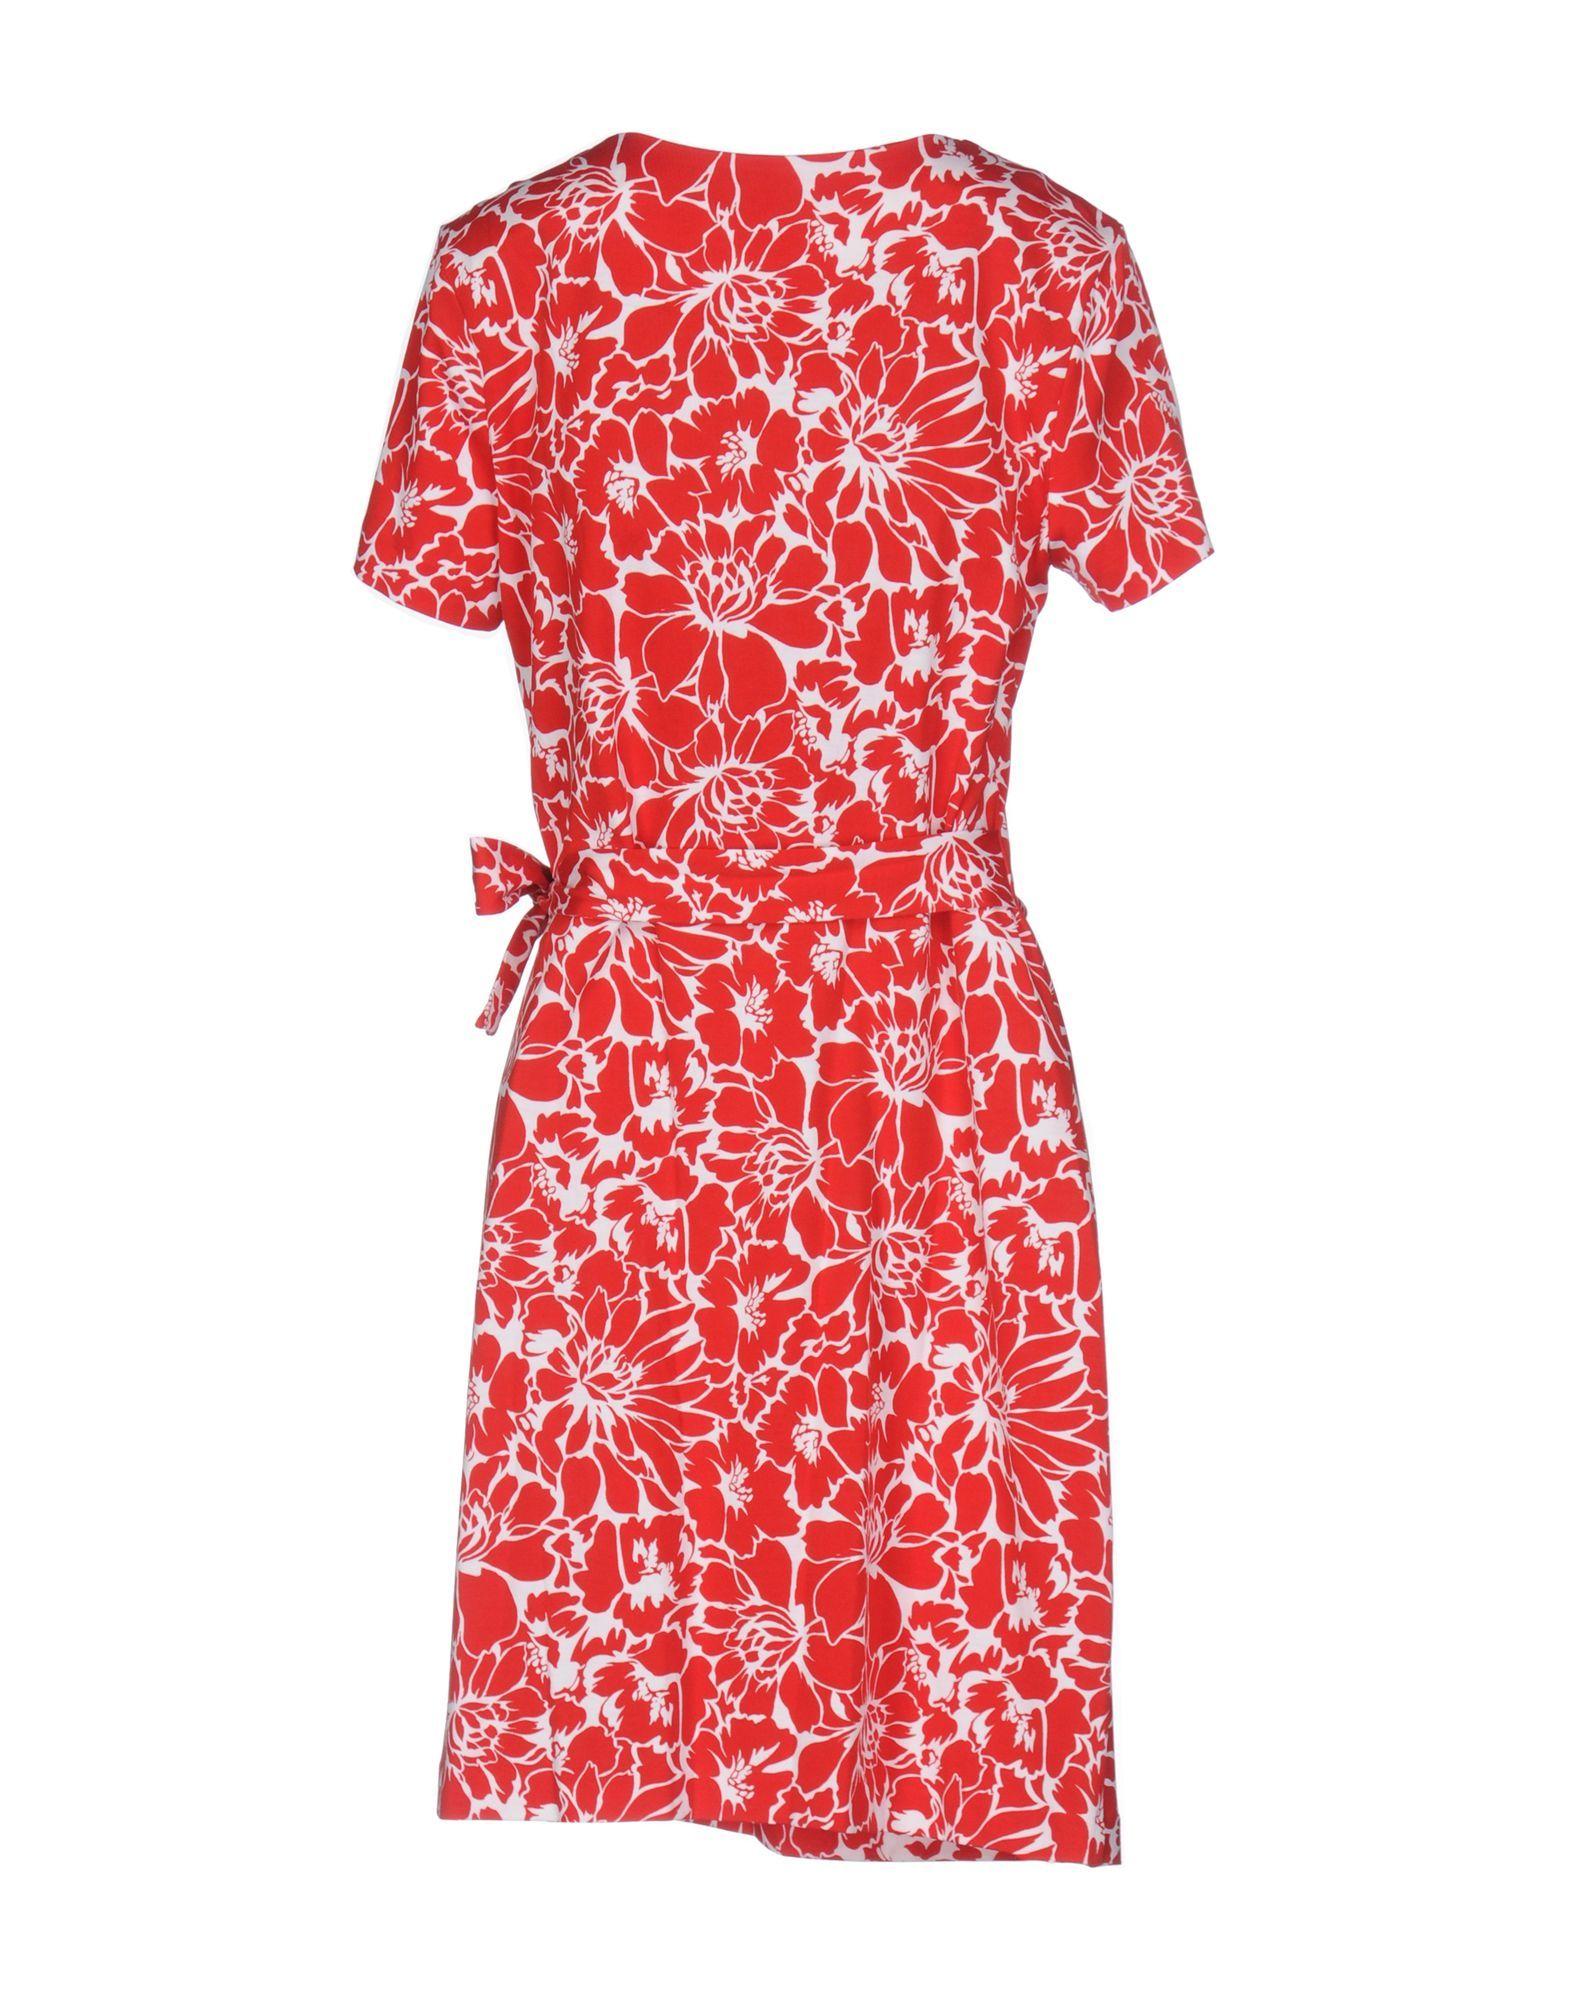 Diane Von Furstenberg Red Print Cotton Dress